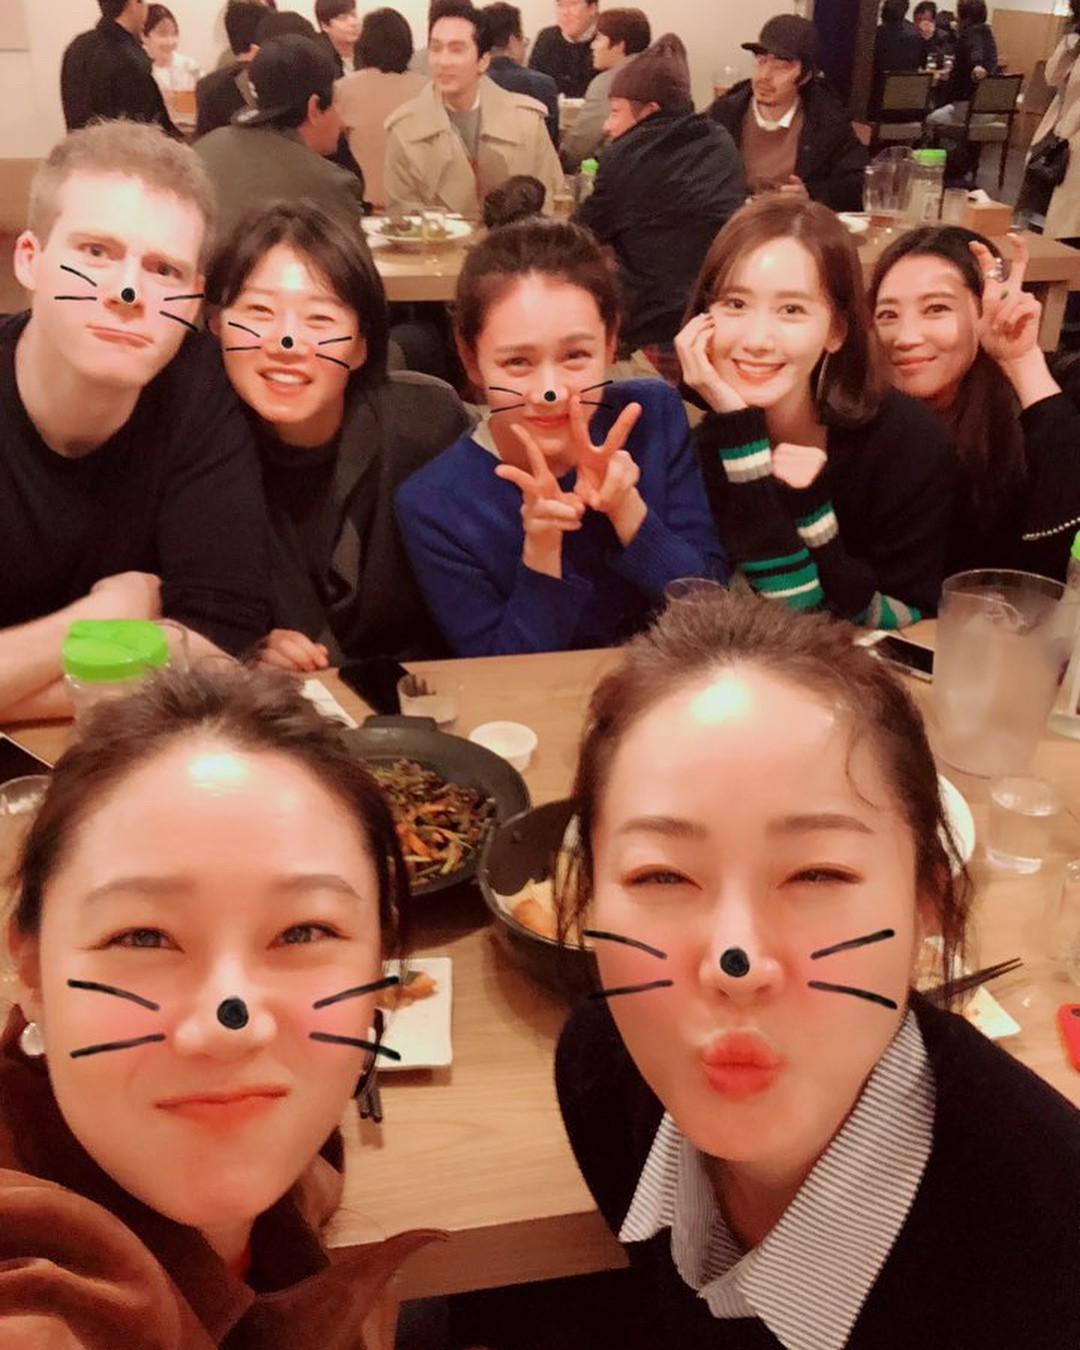 Khung cảnh sau sự kiện siêu khủng gây sốt: Nhóm bạn thân mỹ nhân hạng A tụ họp, Yoona và Park Bo Gum tíu tít - Ảnh 4.